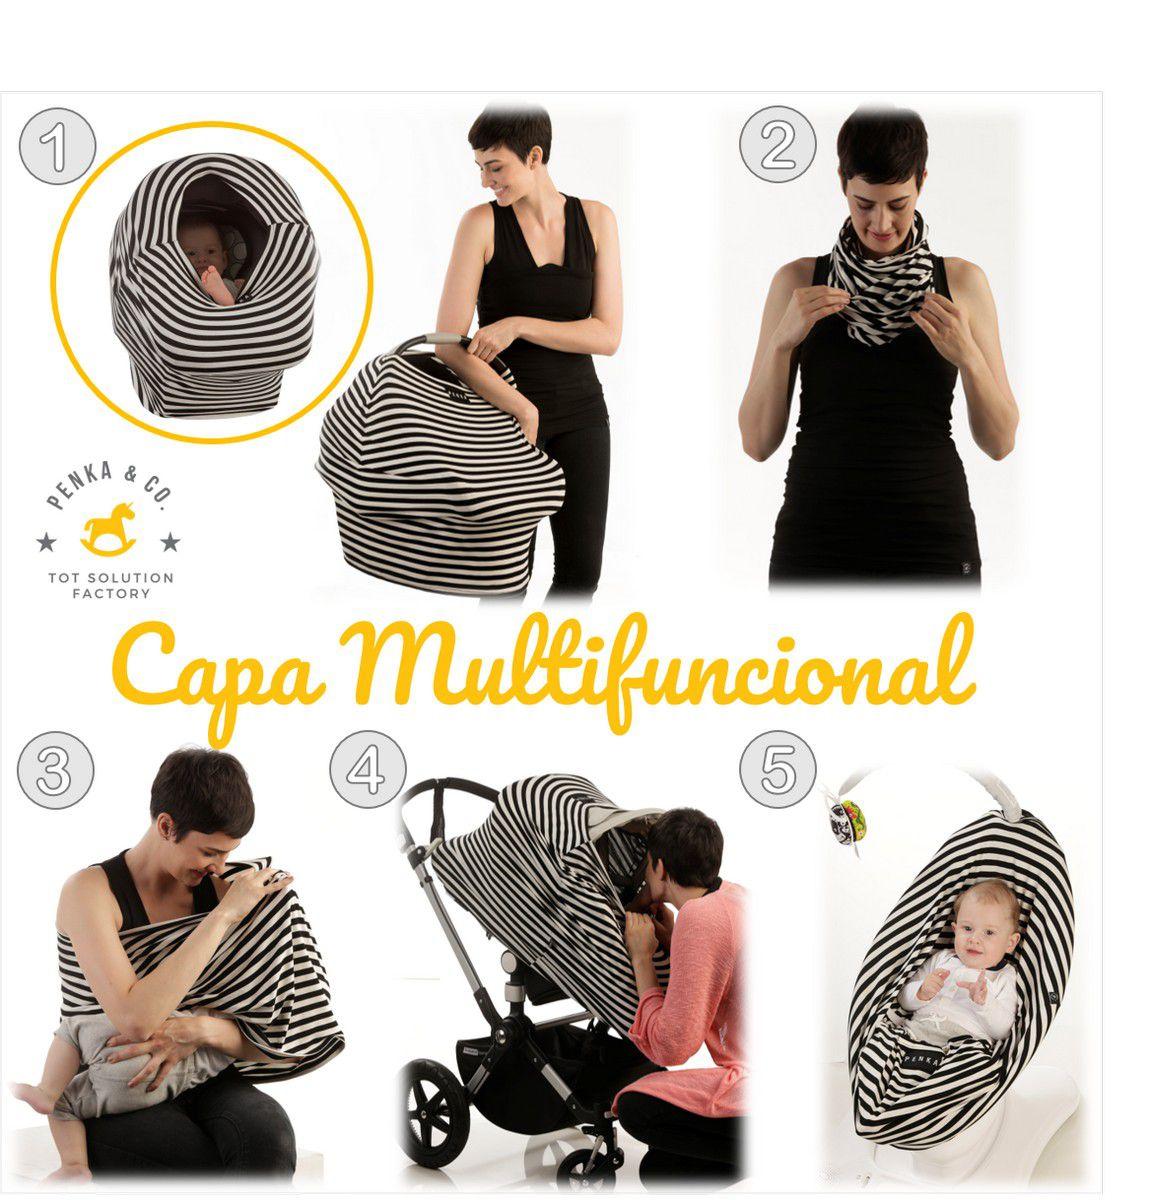 Capa Bebê Conforto Multifuncional Rafiki Penka